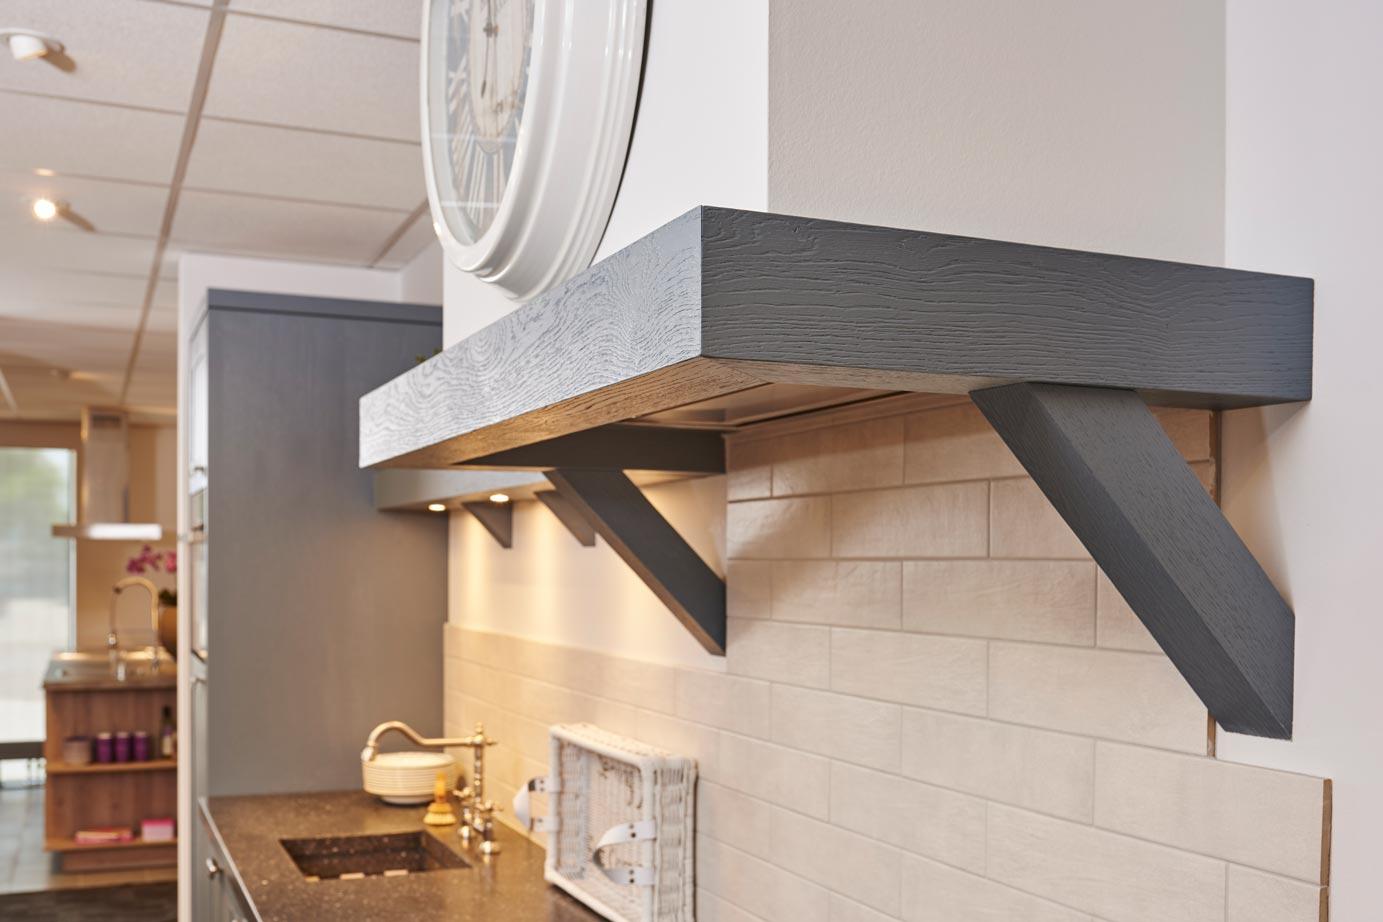 Onderkast verlichting keuken ikea u informatie over de keuken